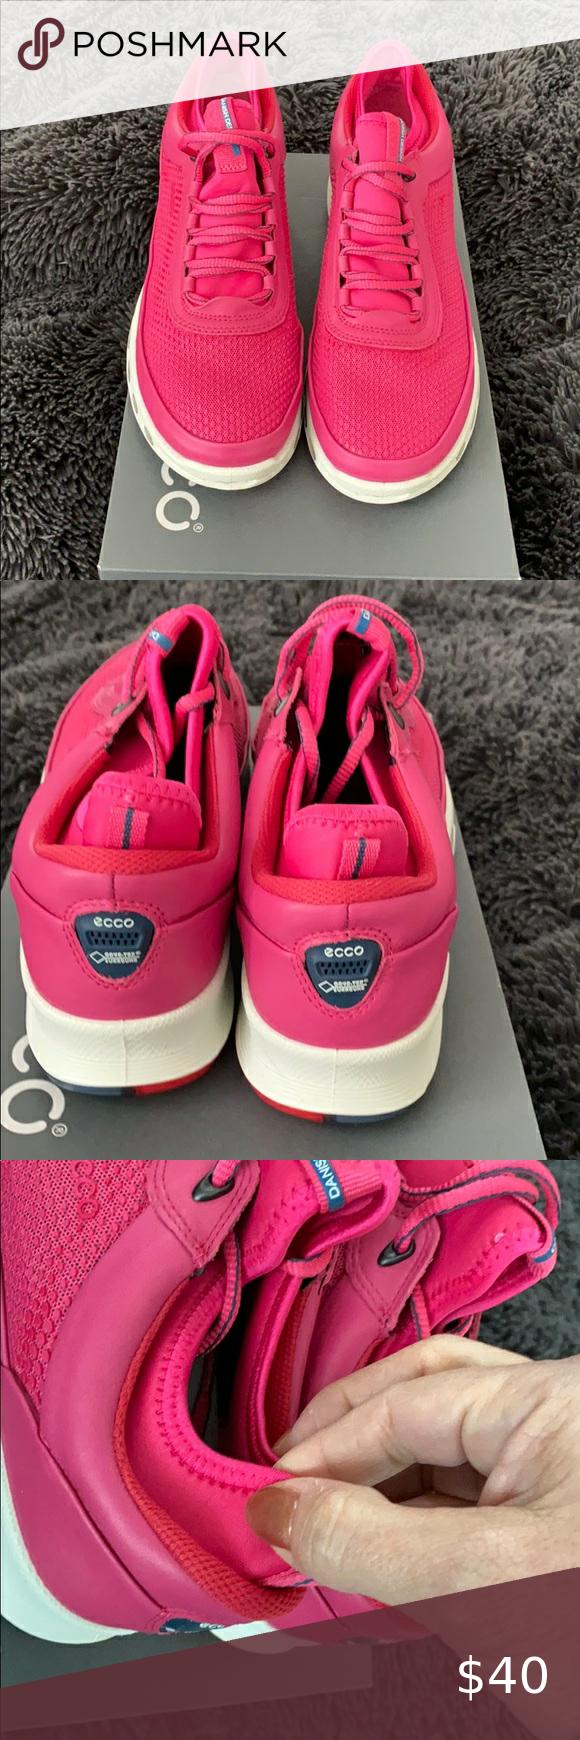 Ecco women 9-9.5 pink sneakers beetroot